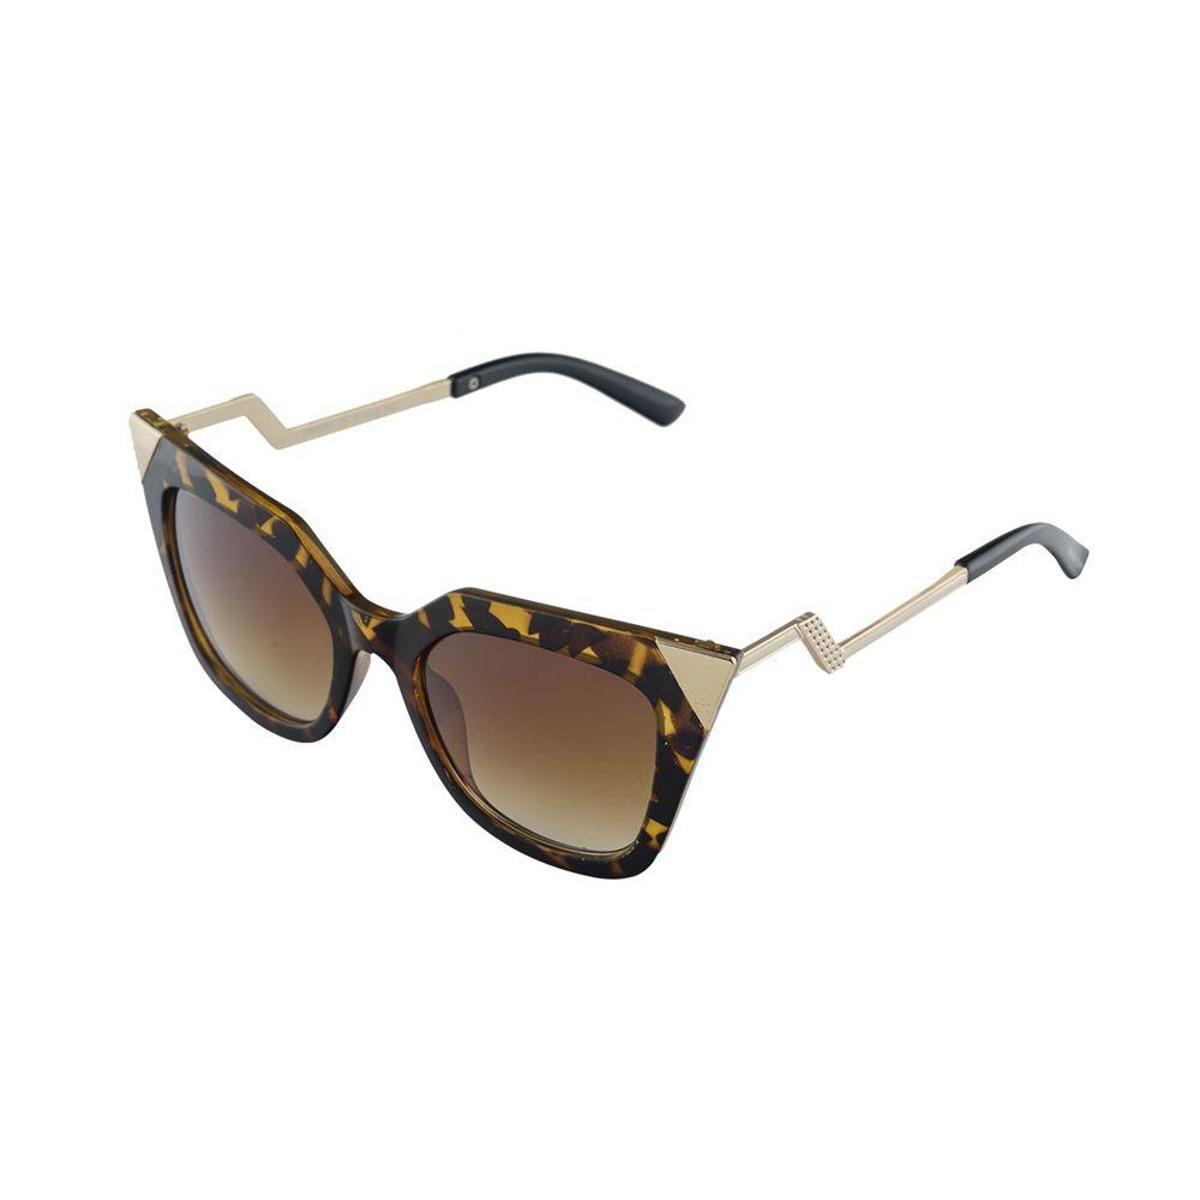 080f0be8741f3 Óculos de Sol Khatto Cat Great Feminino - Marrom - Compre Agora ...